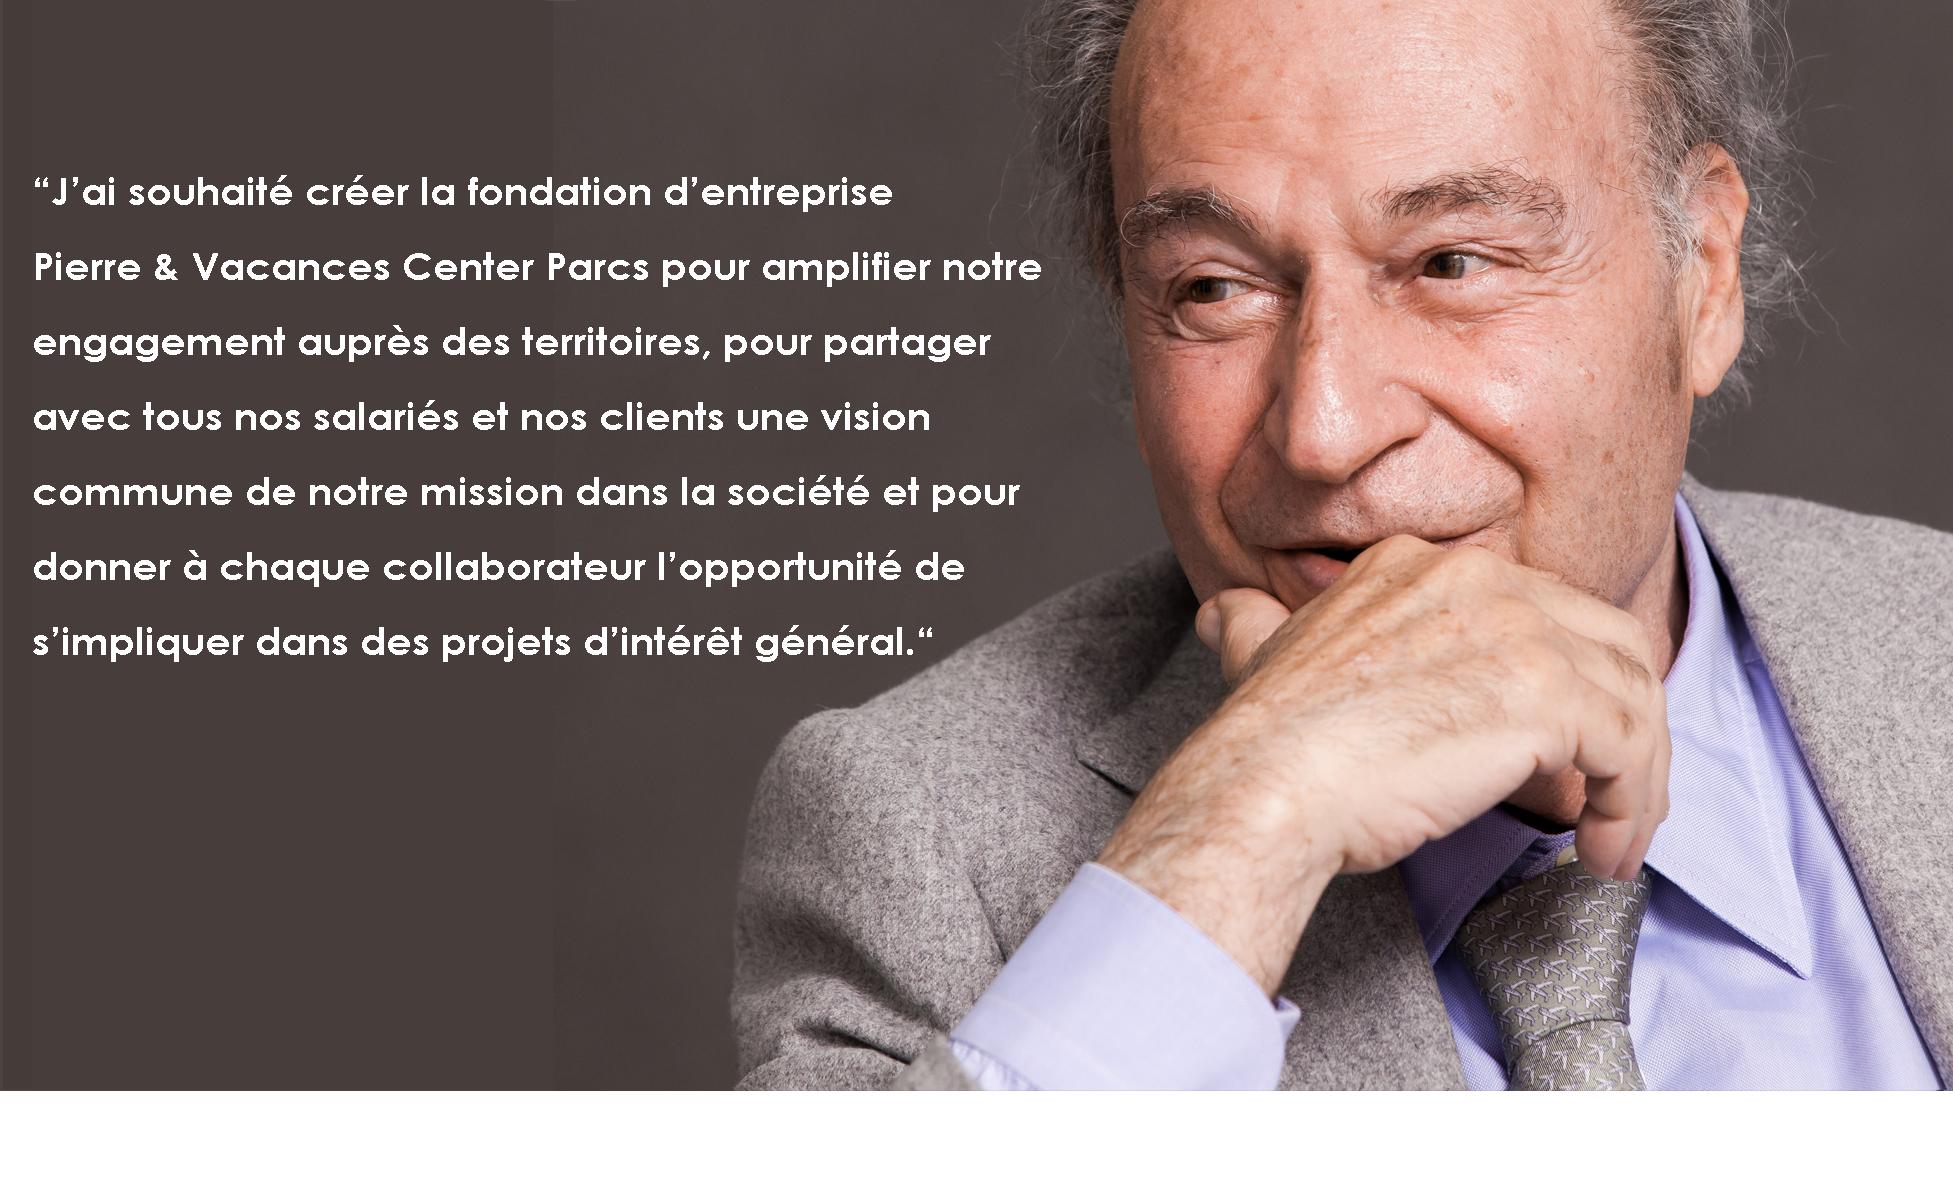 PVCP集团基金会主席布雷蒙先生